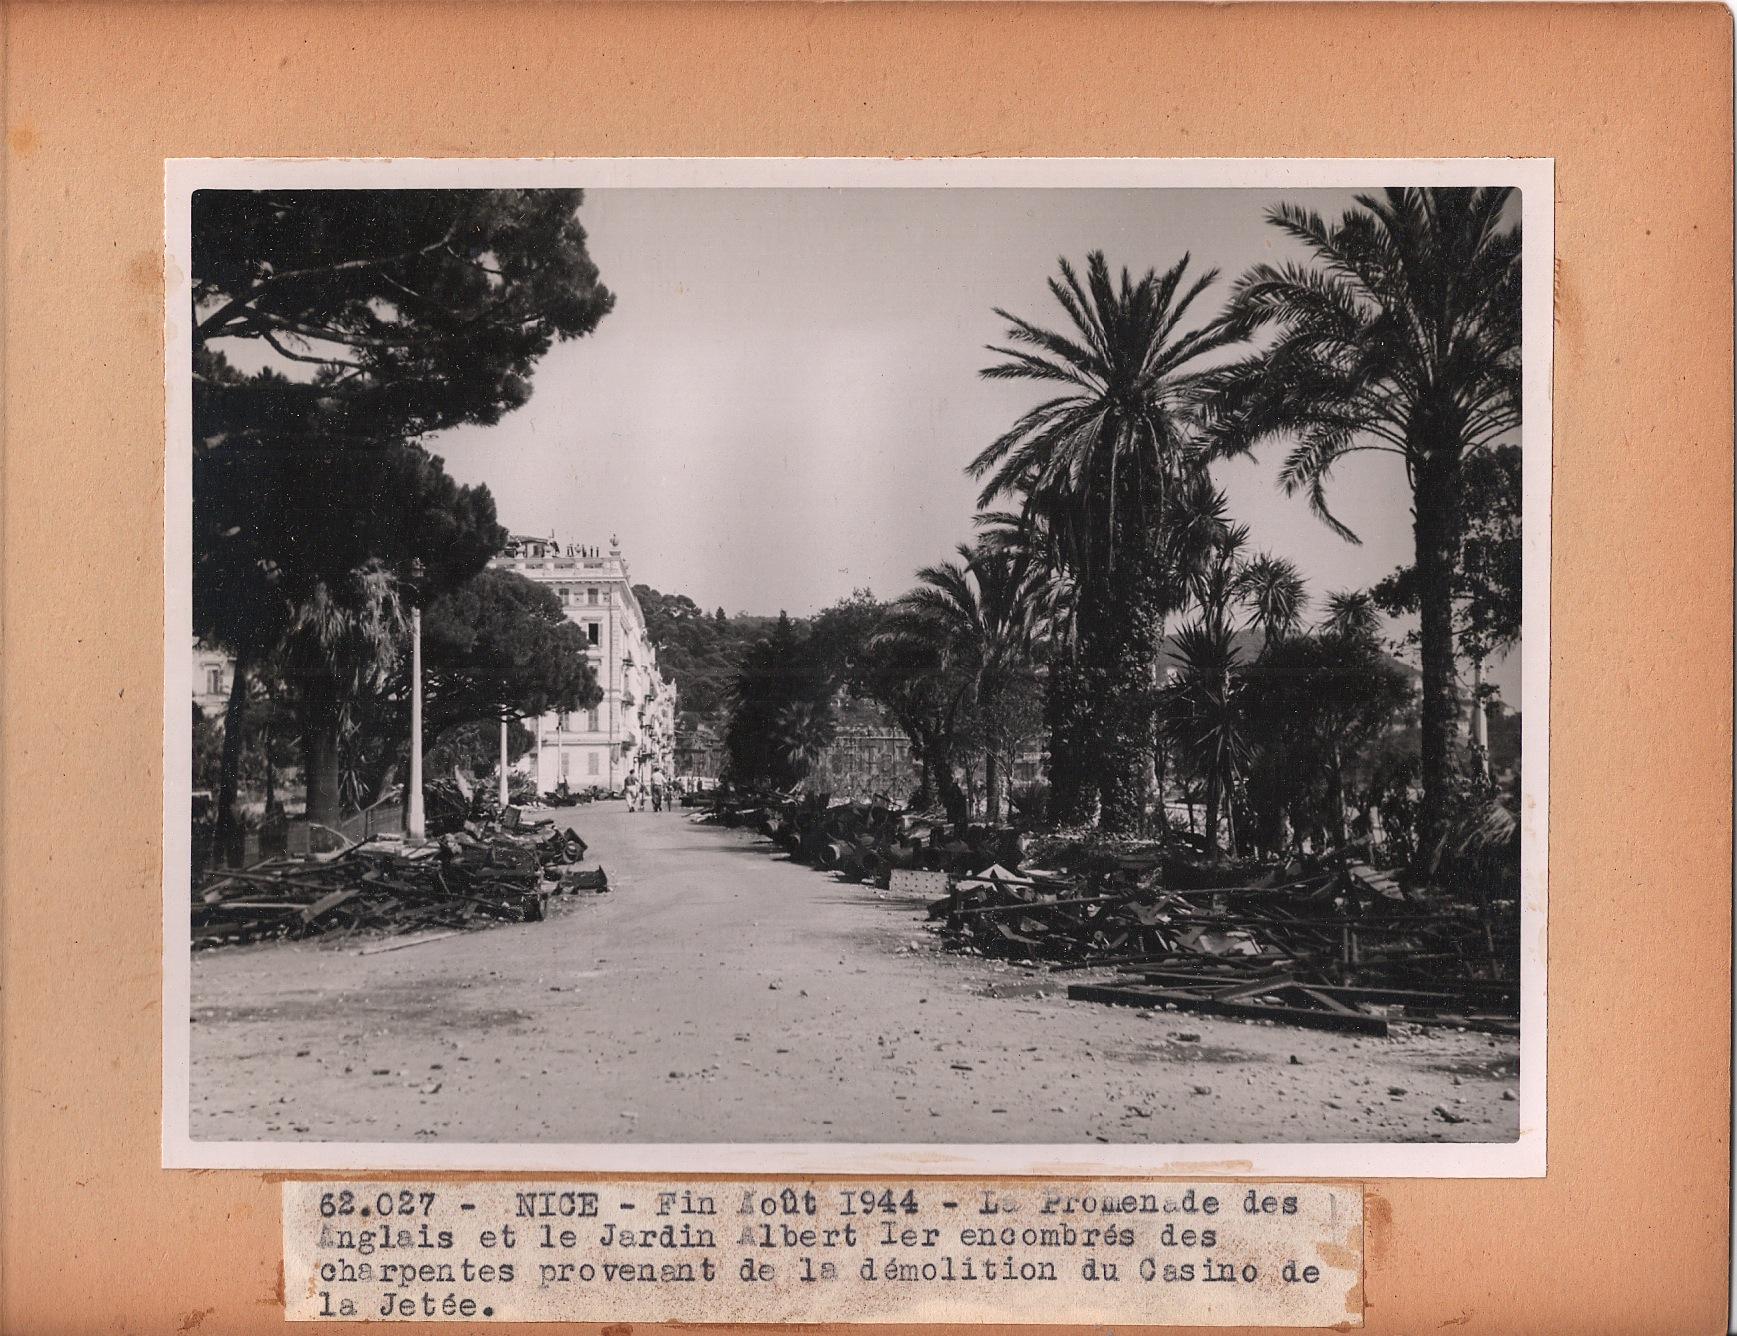 NICE 1944 99